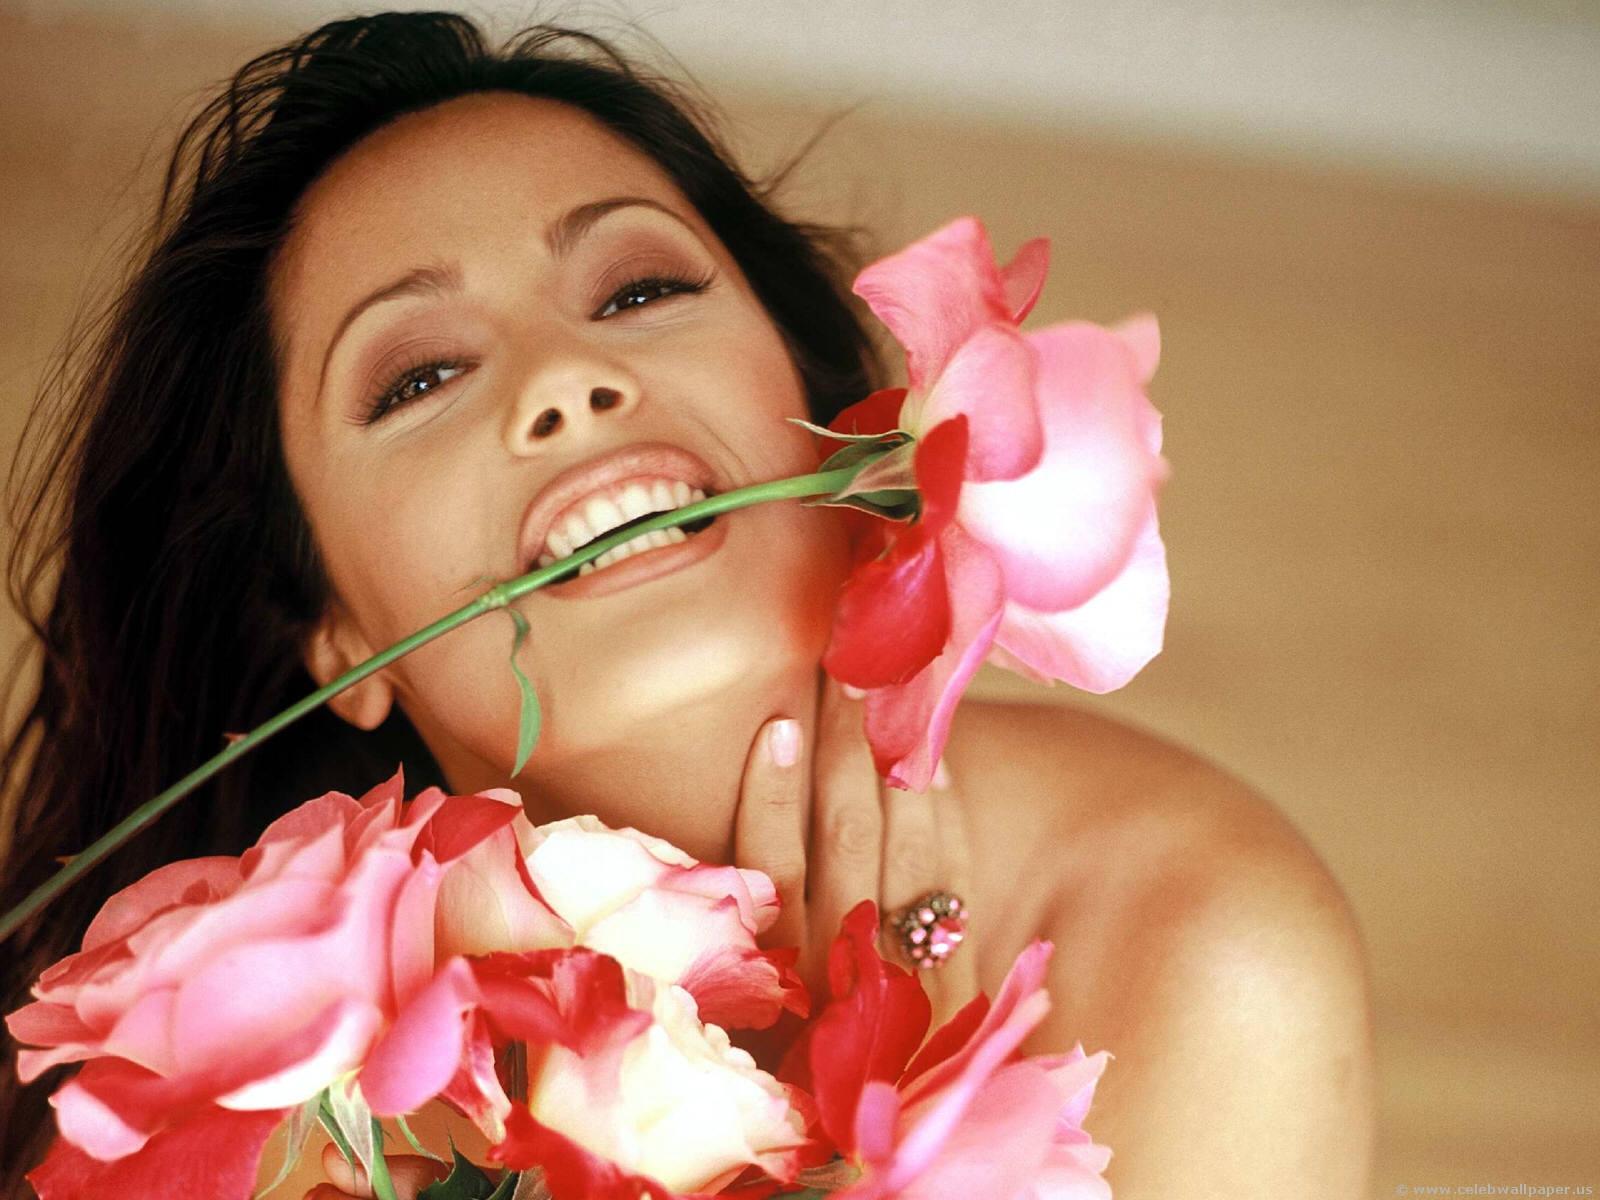 http://4.bp.blogspot.com/-IbNrisMddQc/TwJ-QDwnwOI/AAAAAAAARus/rkyUccppQSM/s1600/salma_hayek-5.jpg